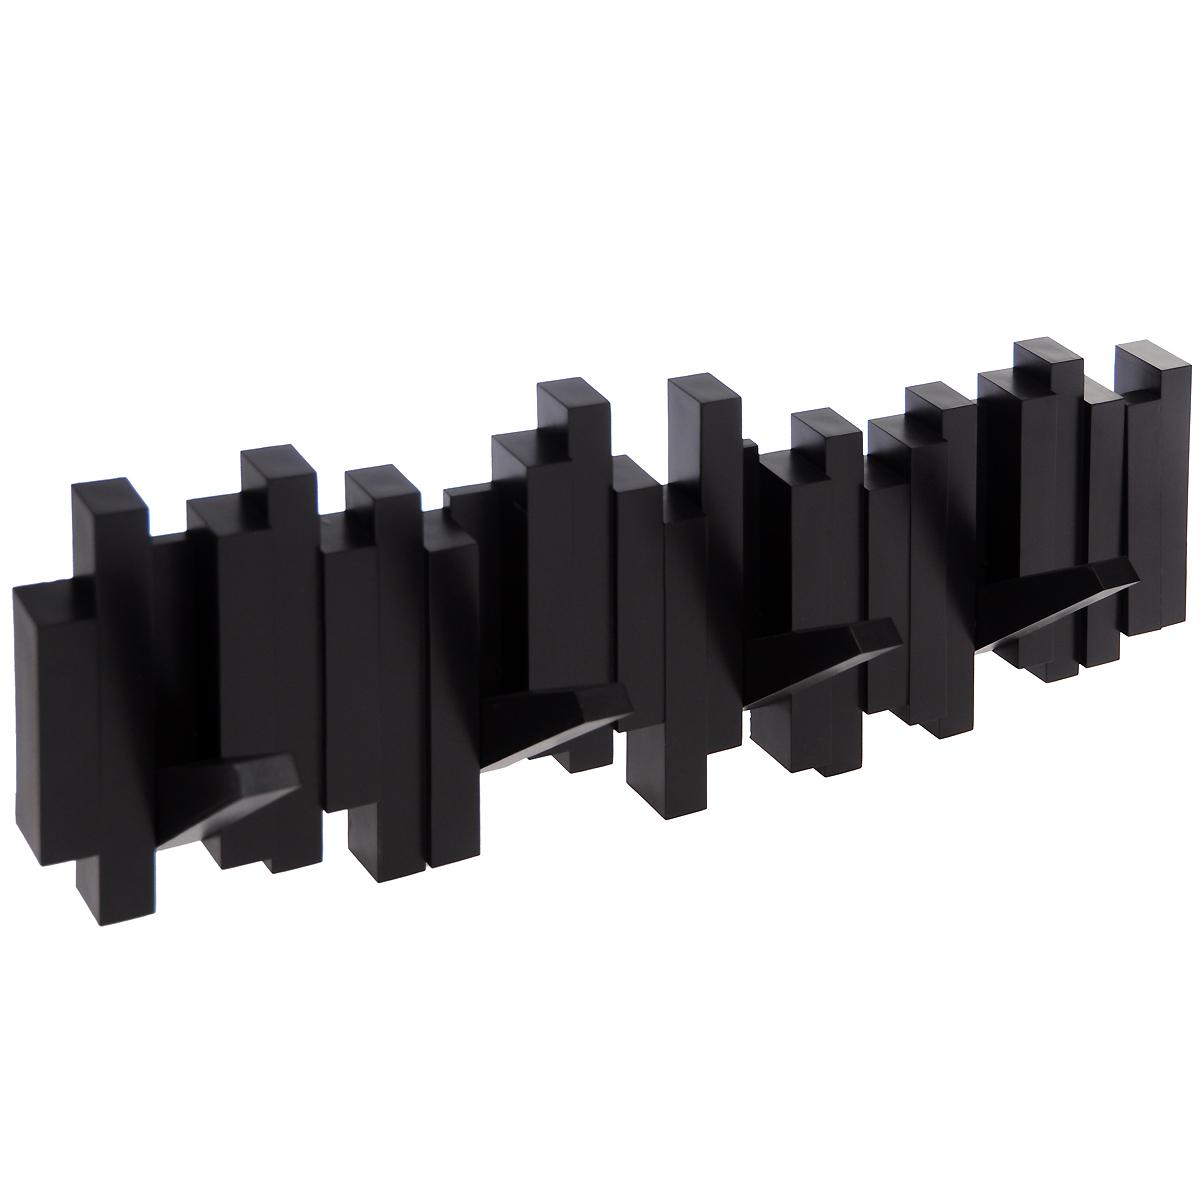 Вешалка настенная Umbra Sticks, цвет: шоколадный, 5 крючковCLP446Стильная и прочная вешалка Umbra Sticks интересной формы и оригинального дизайна изготовлена из прочного пластика. Имеет 5 откидных и прочных крючков. Когда они не используются, то складываются, превращая конструкцию в плоский декоративный элемент стильной формы. Вешалка Umbra Sticks идеально подходит для маленьких прихожих и ограниченных пространств. Каждый крючок выдерживает вес до 2,3 кг. Размер вешалки: 50 см х 17 см х 2 см.